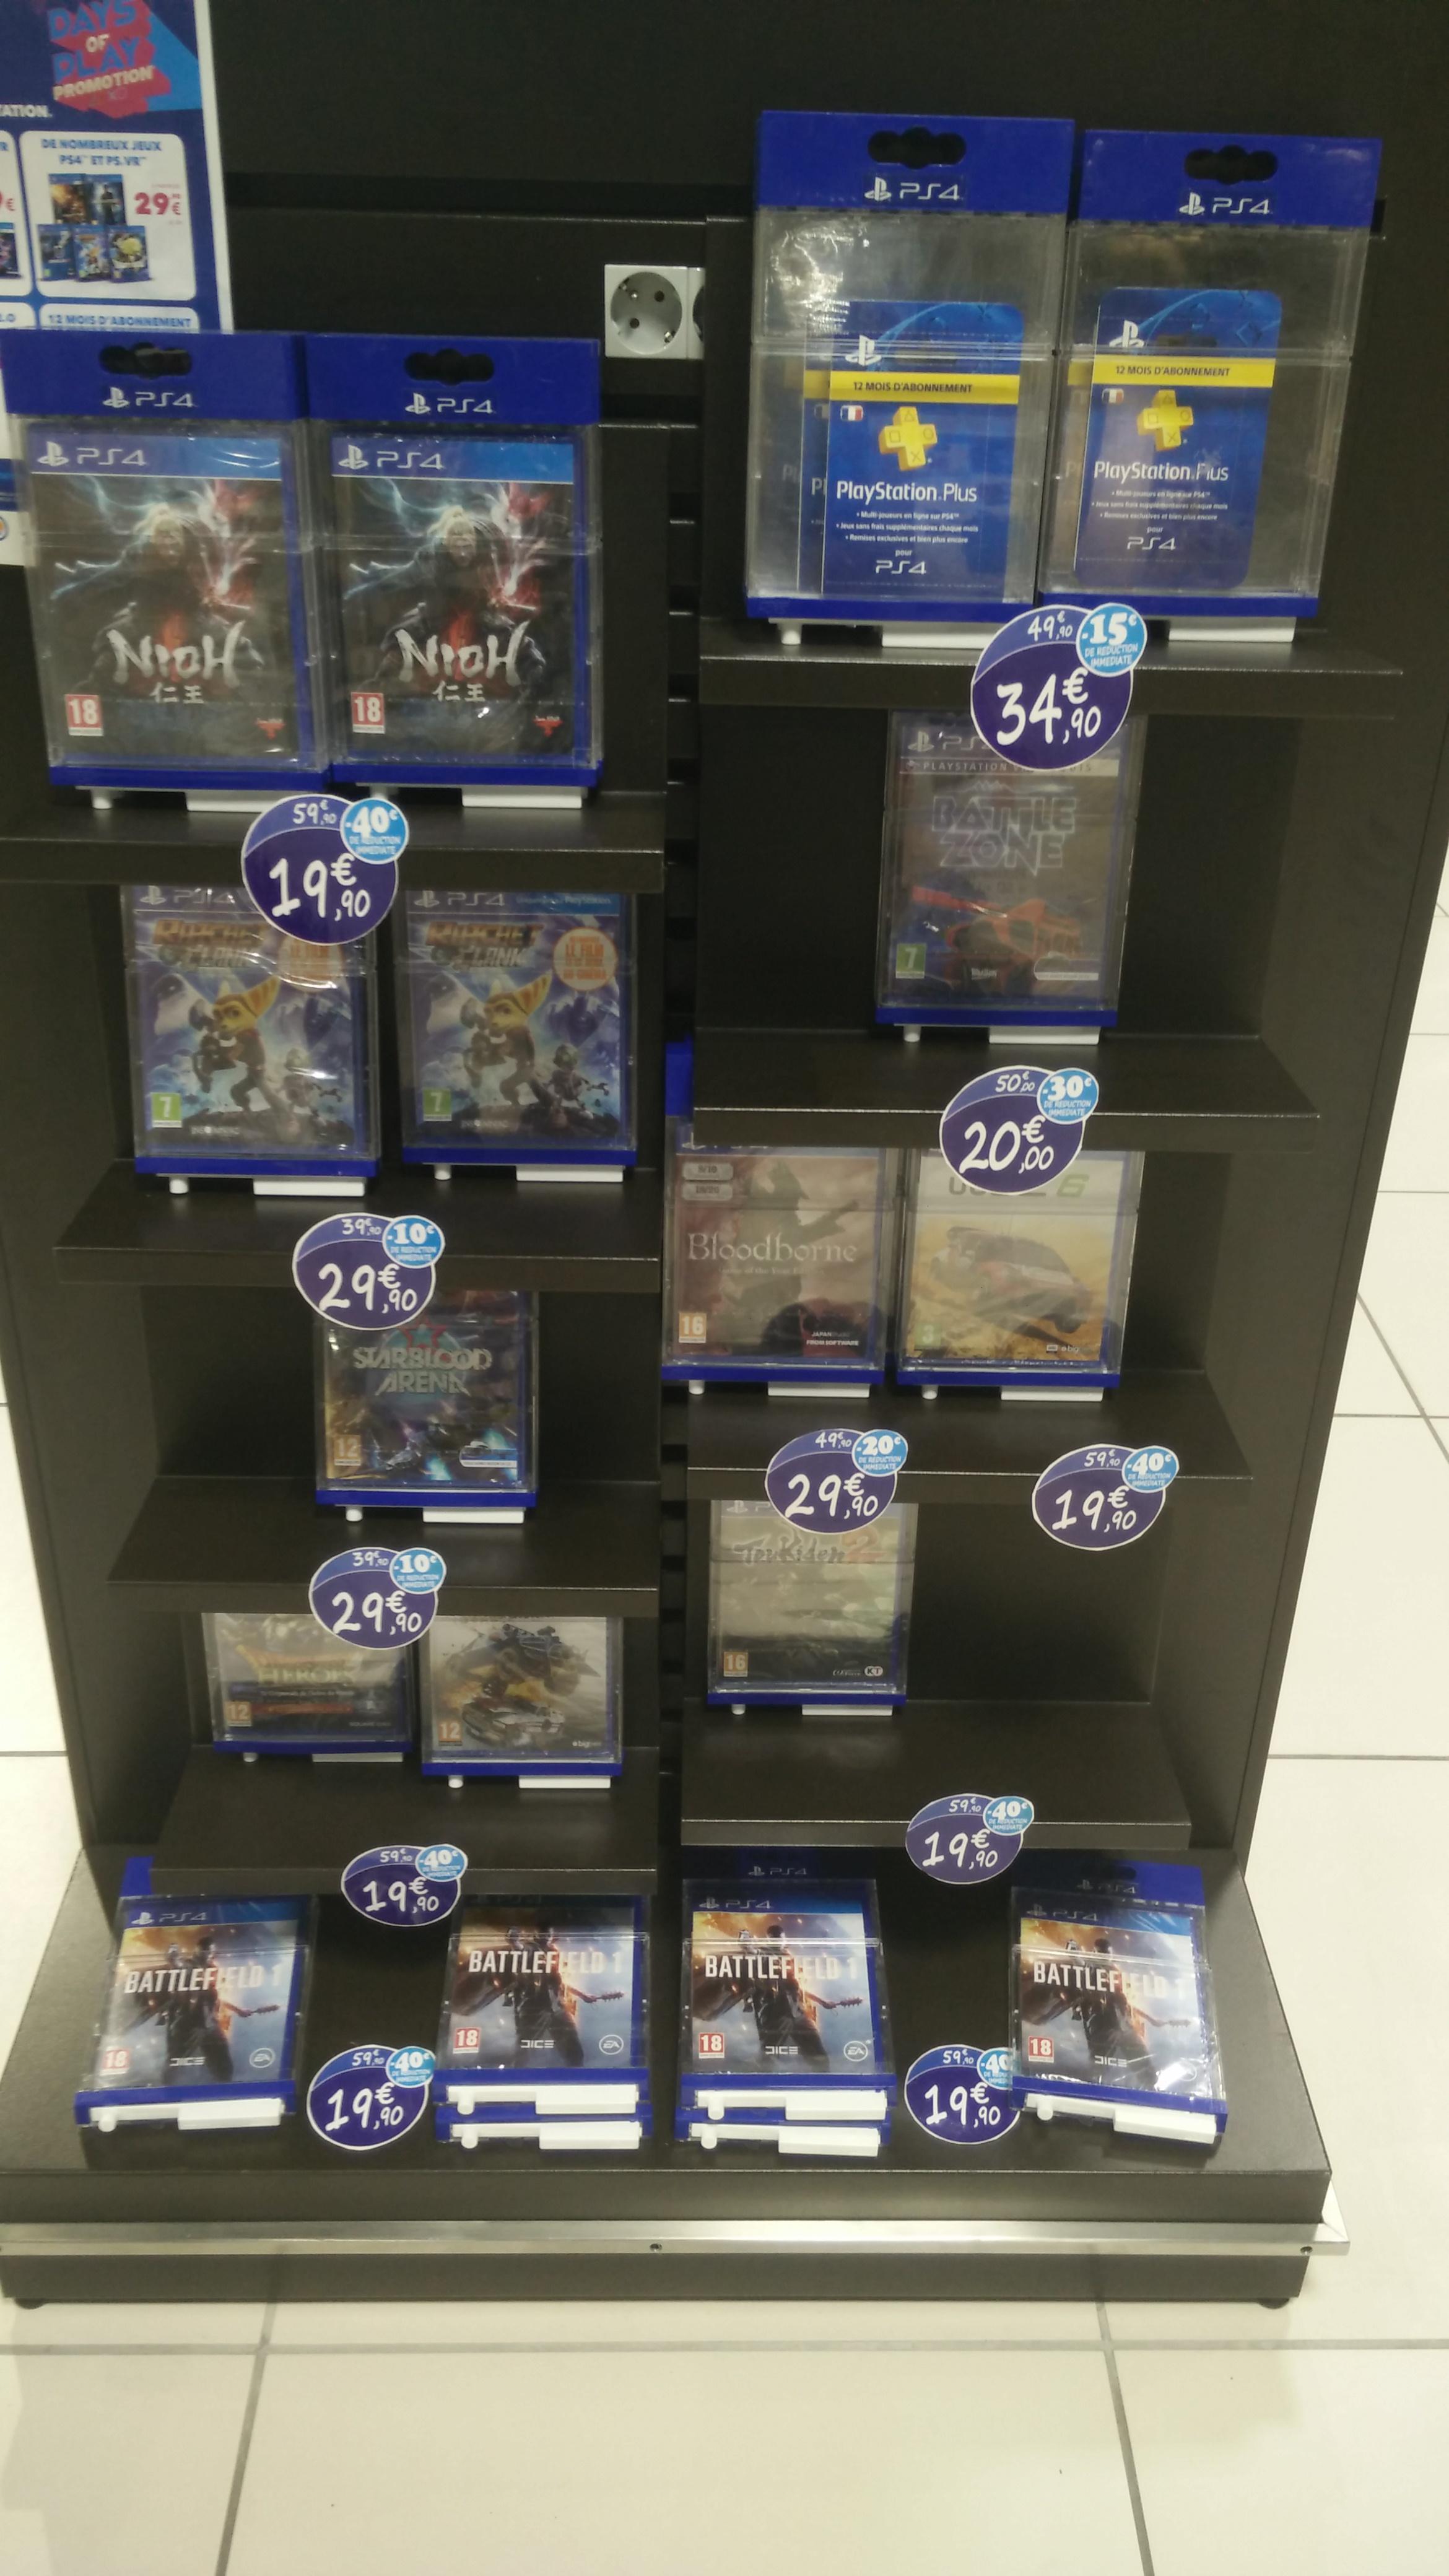 Sélection de jeux PS4 en promotion - Ex : Jeux Nioh, Battlefield 1, ... sur PS4